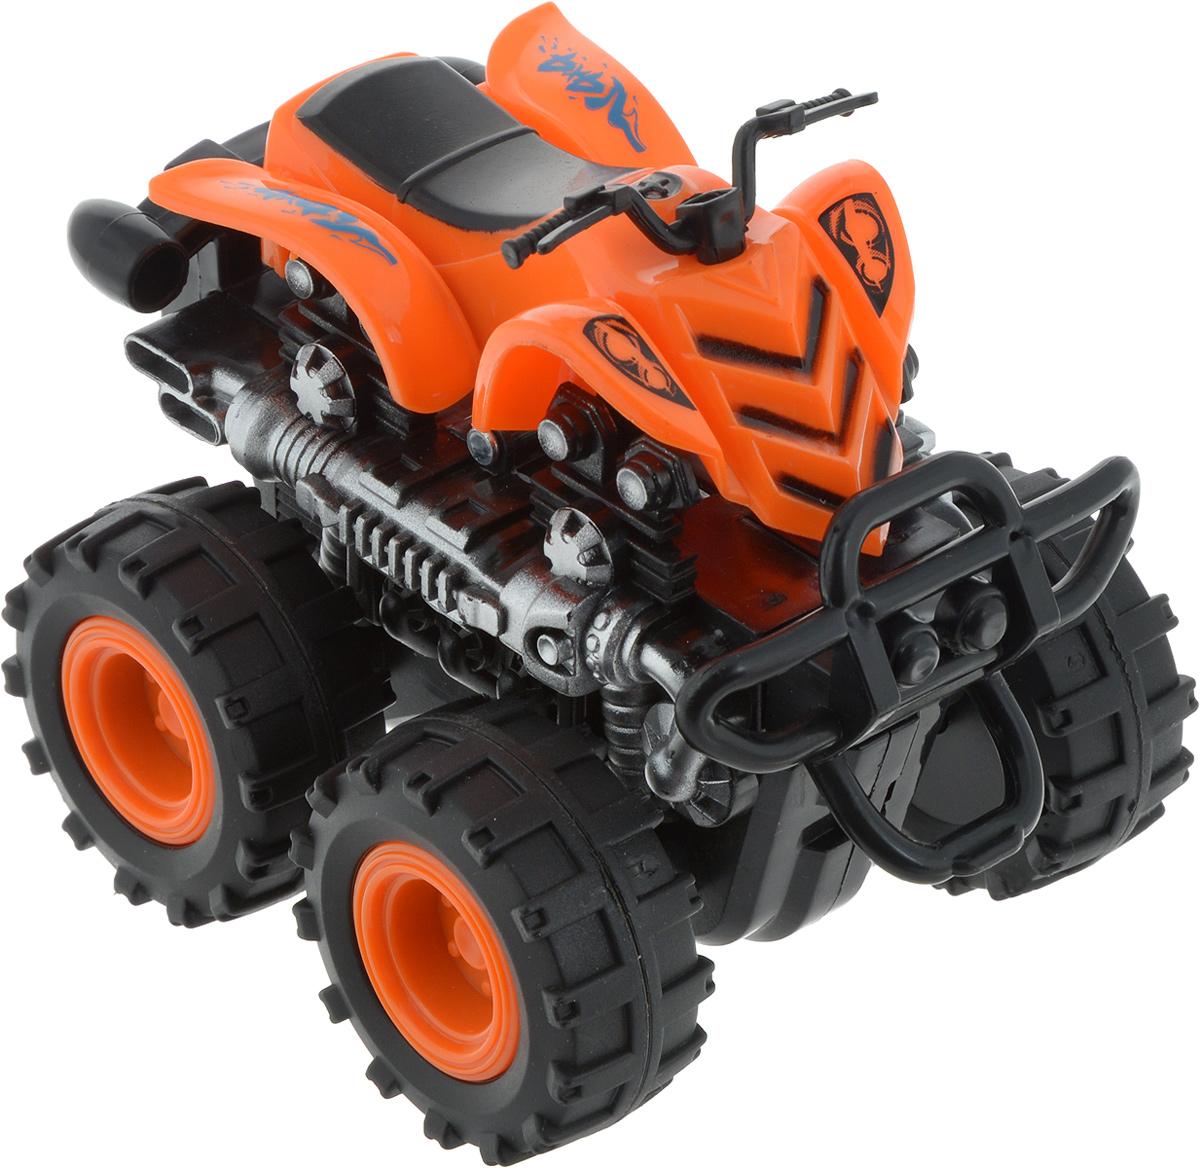 Big Motors Квадроцикл инерционный 4 WD цвет оранжевый инерционный самокат в запорожье